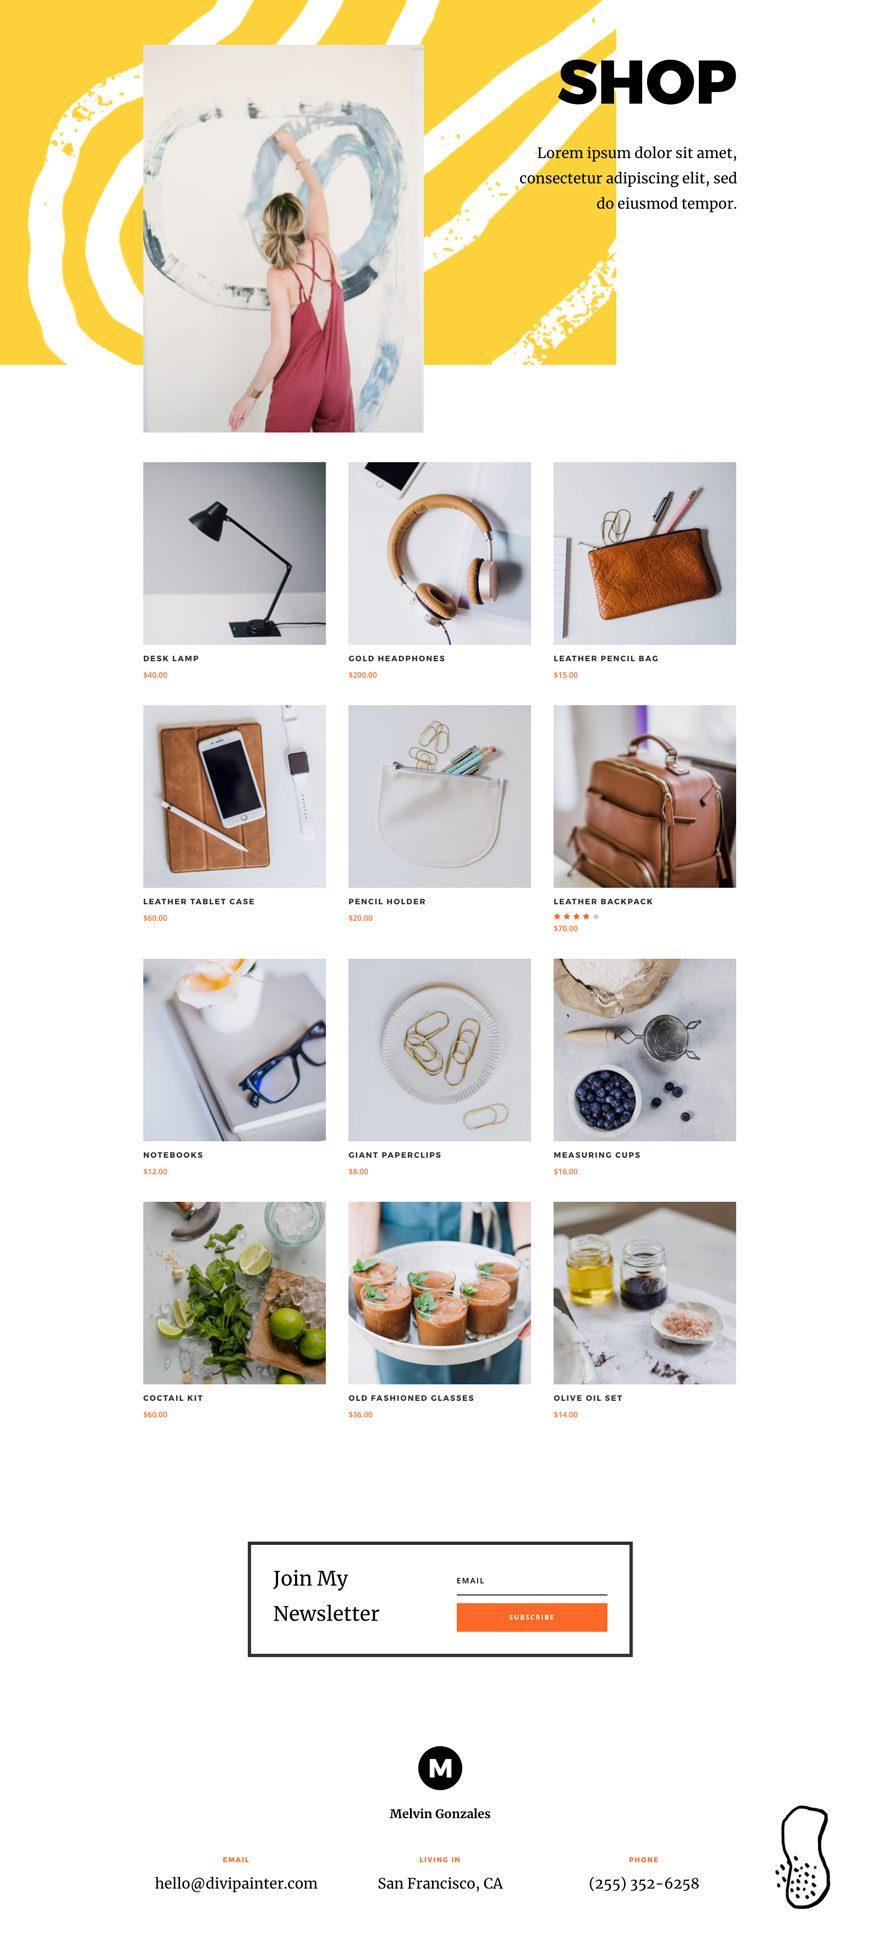 divi painter layout pack